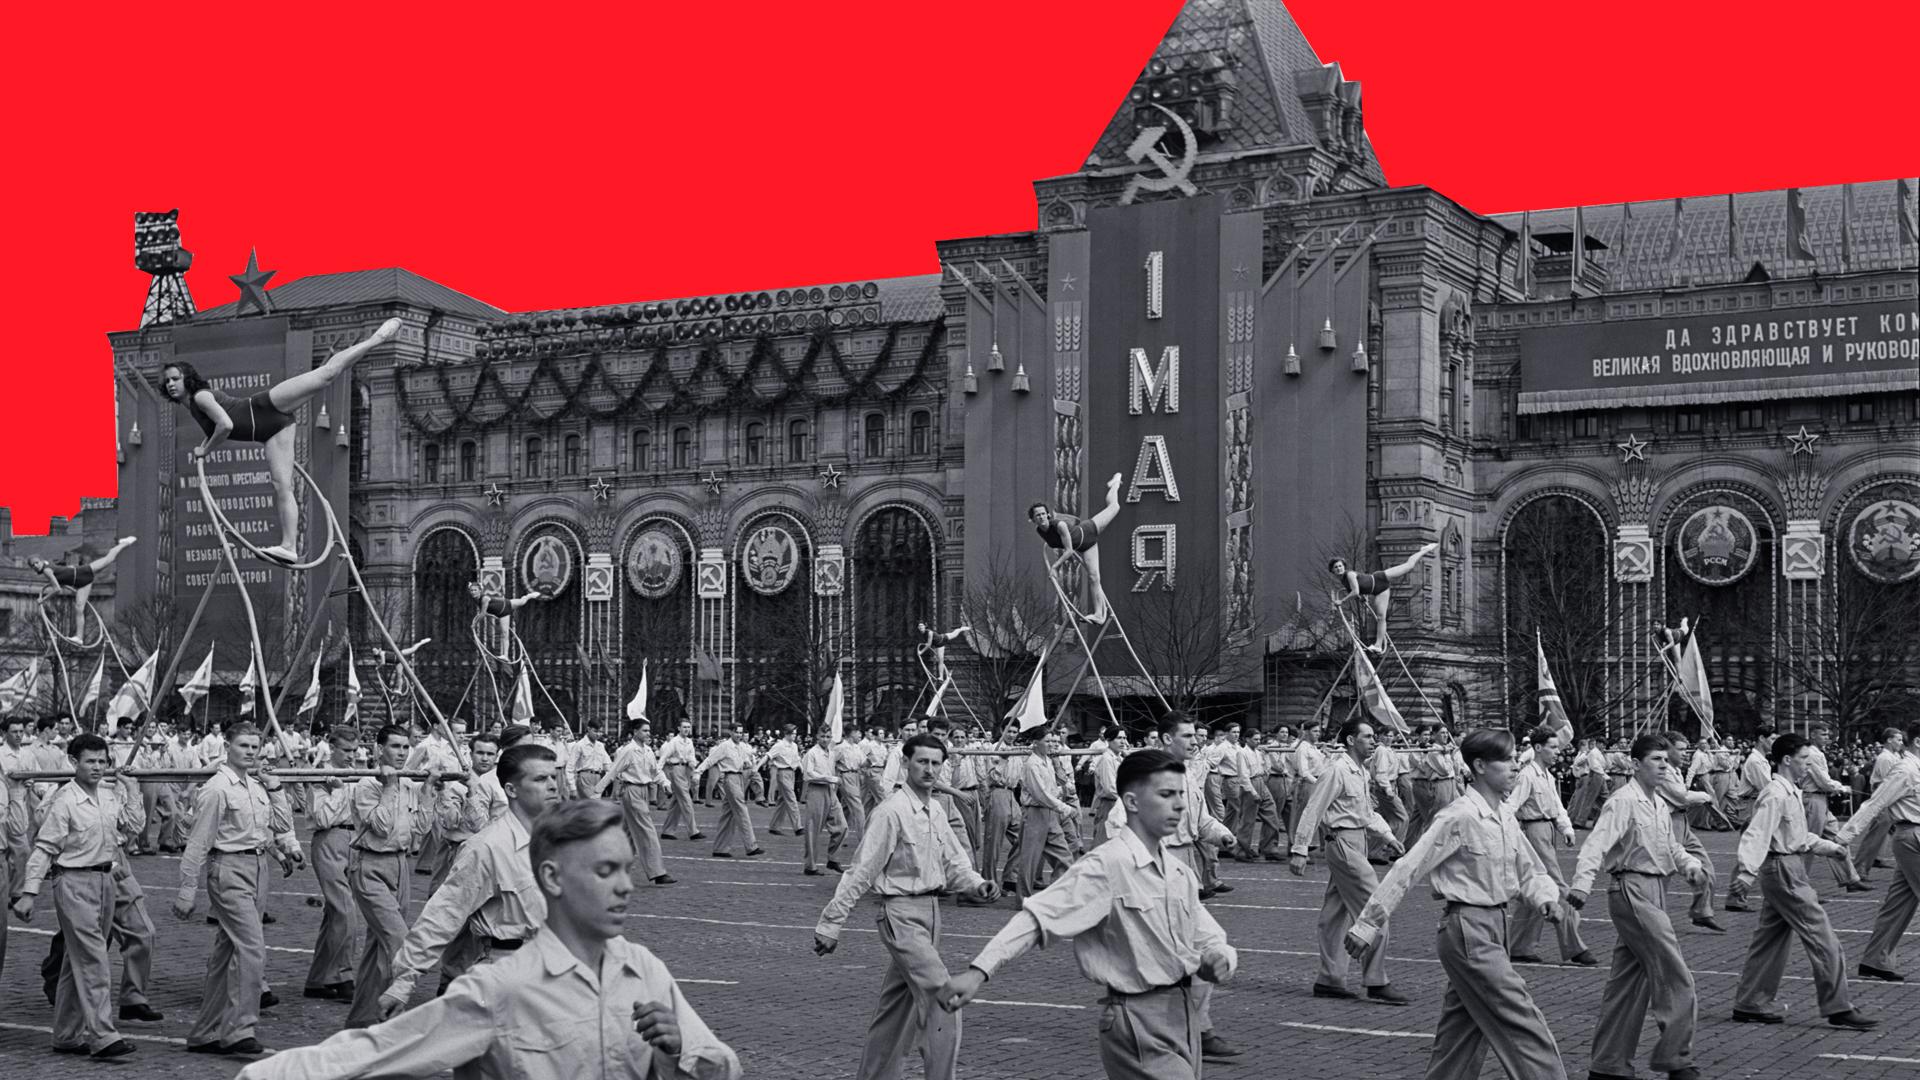 """<p>1 Мая 1956 г. Шествие физкультурников на Красной площади во время первомайского парада.<em style=""""font-style: italic;""""> </em>Фото © ТАСС</p>"""